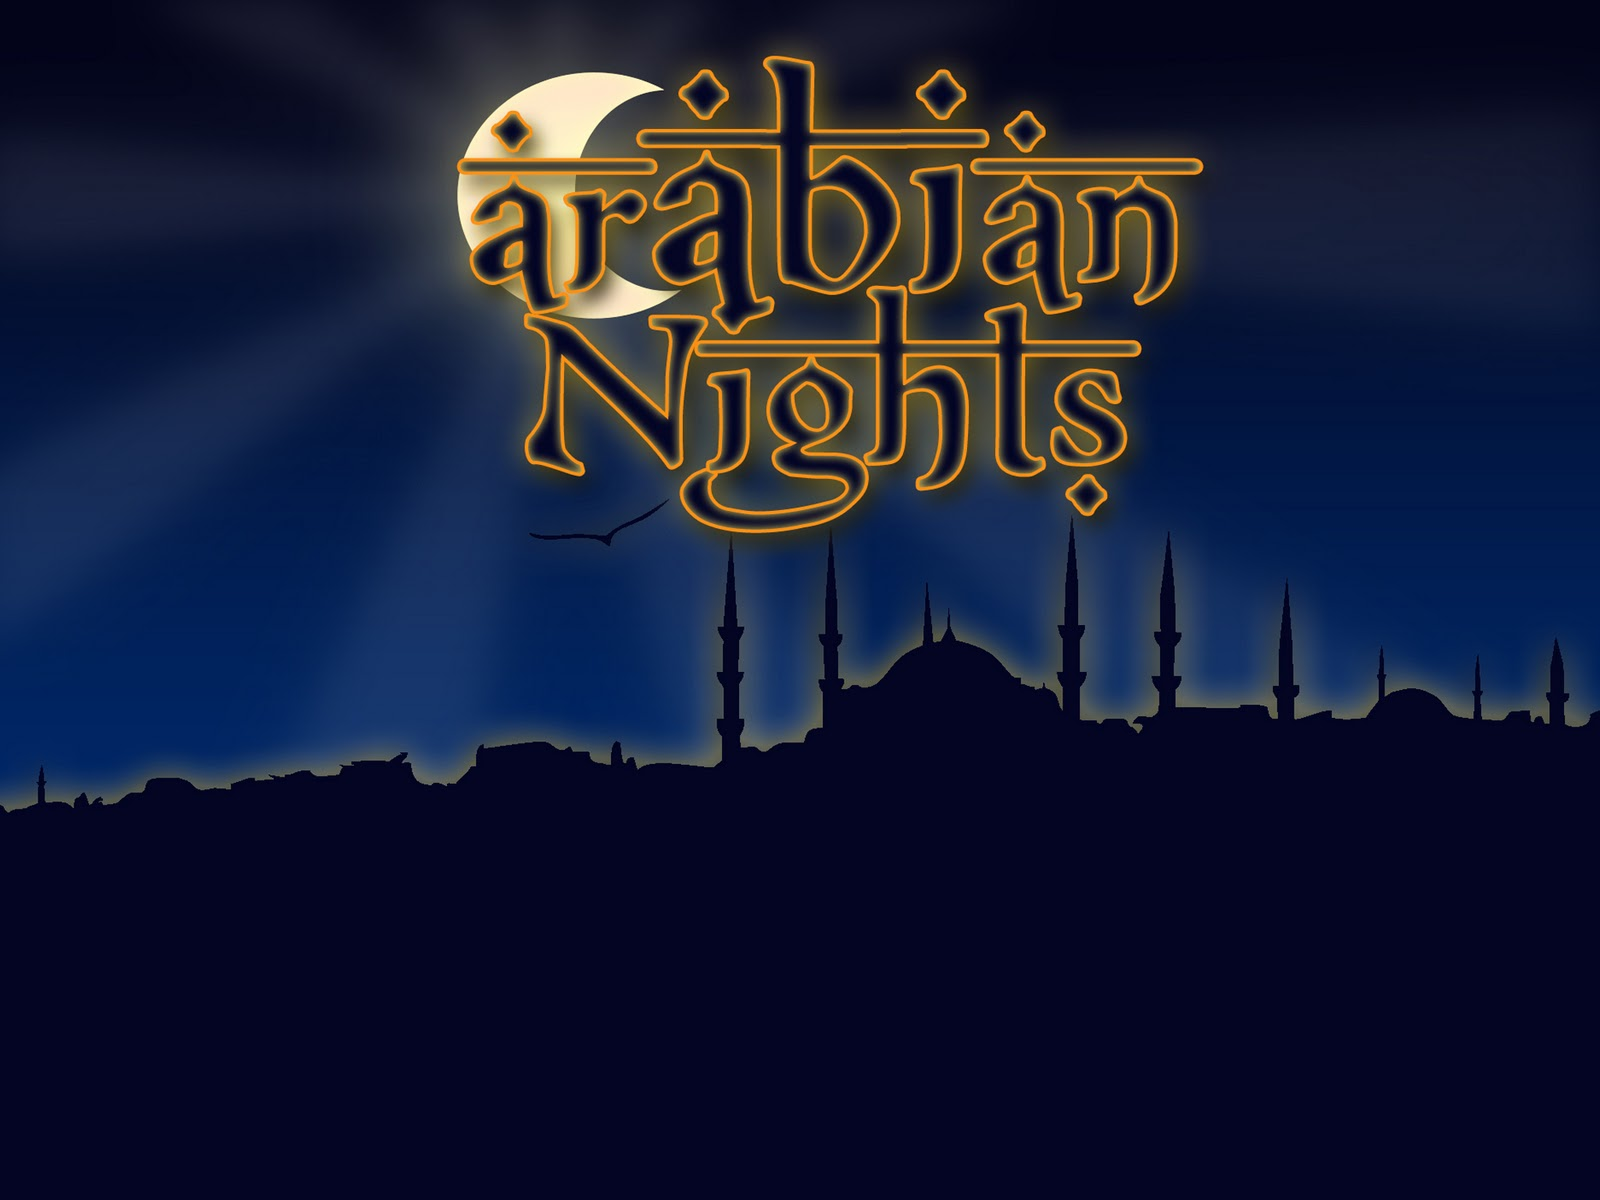 pic new posts: Wallpaper Arabian Nights